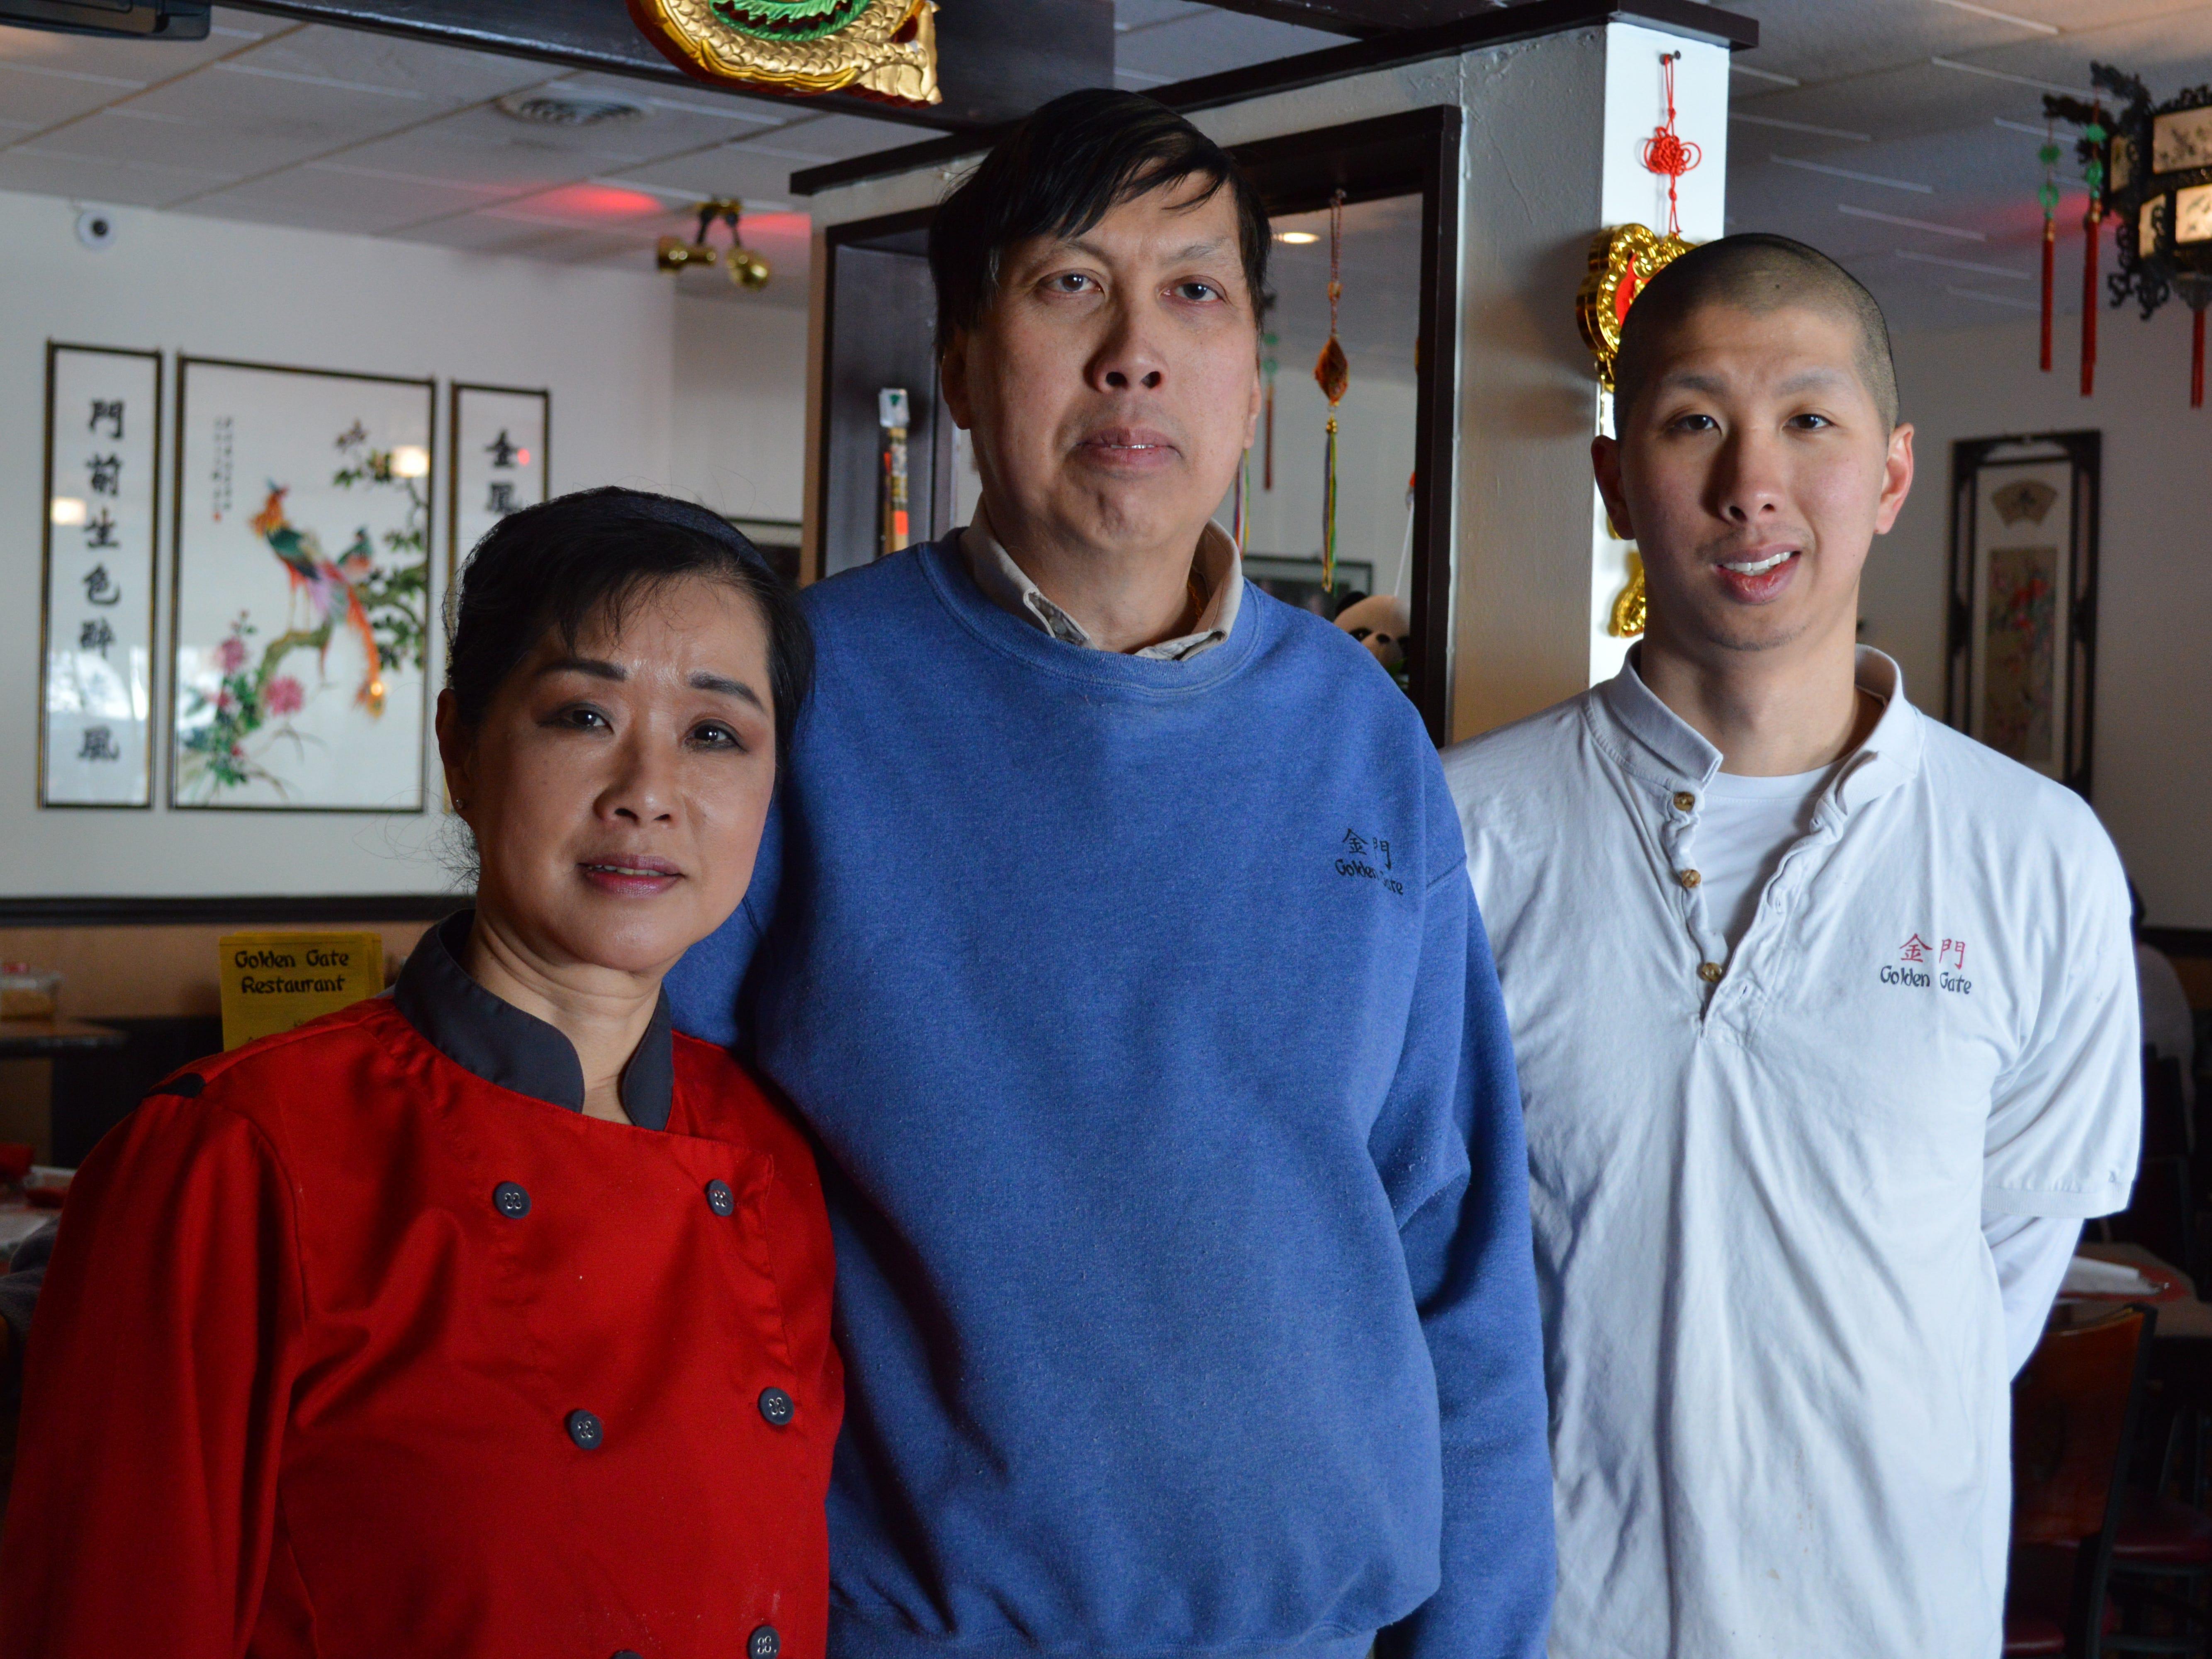 The Moy family runs Golden Gate Restaurant in Waukesha.